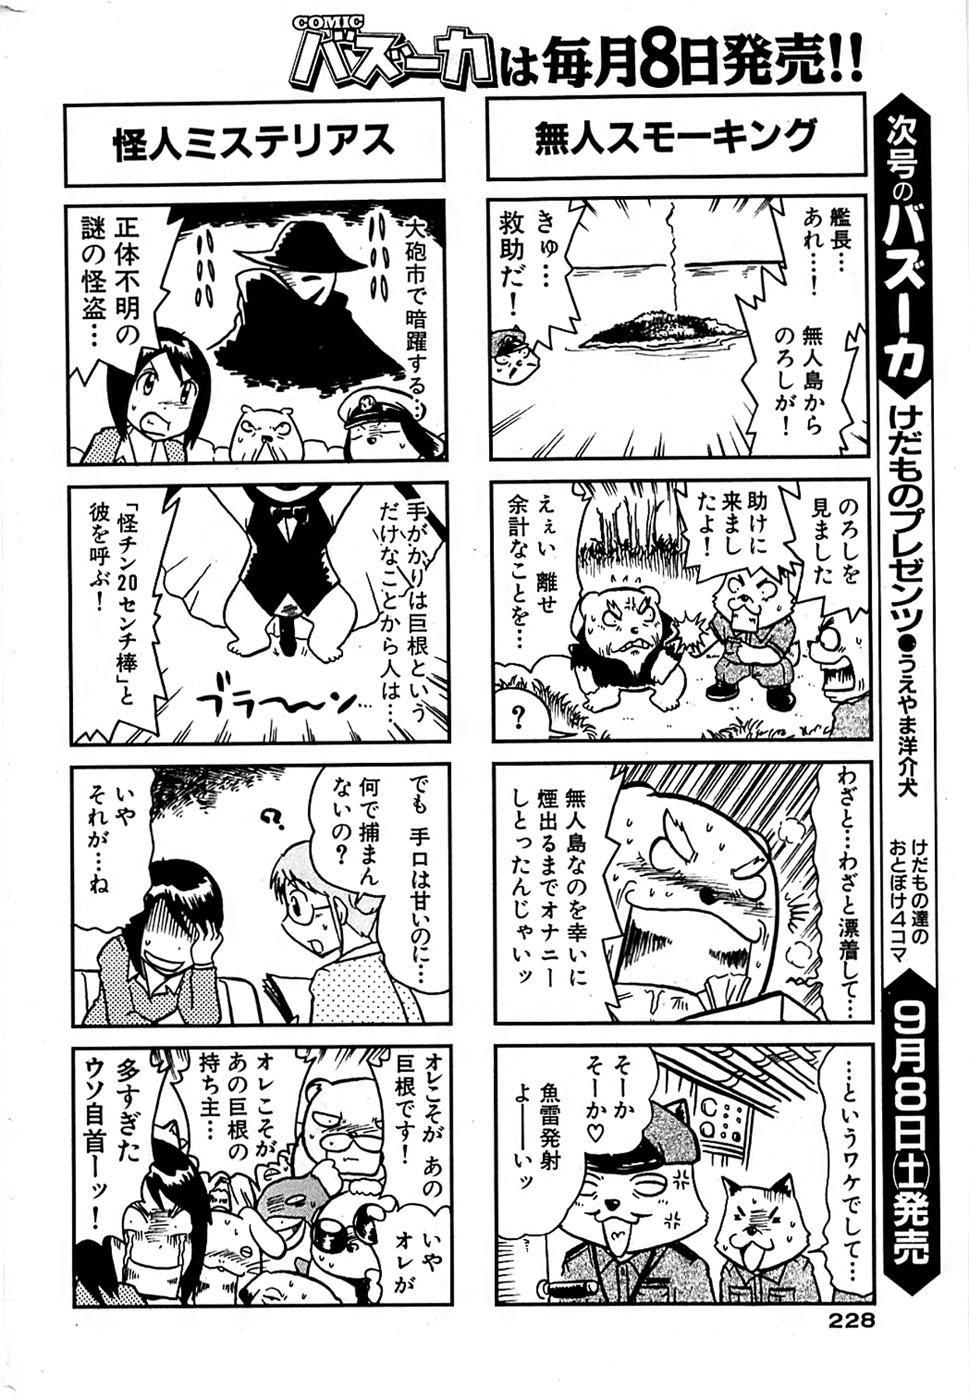 Comic Bazooka 2007-09 227